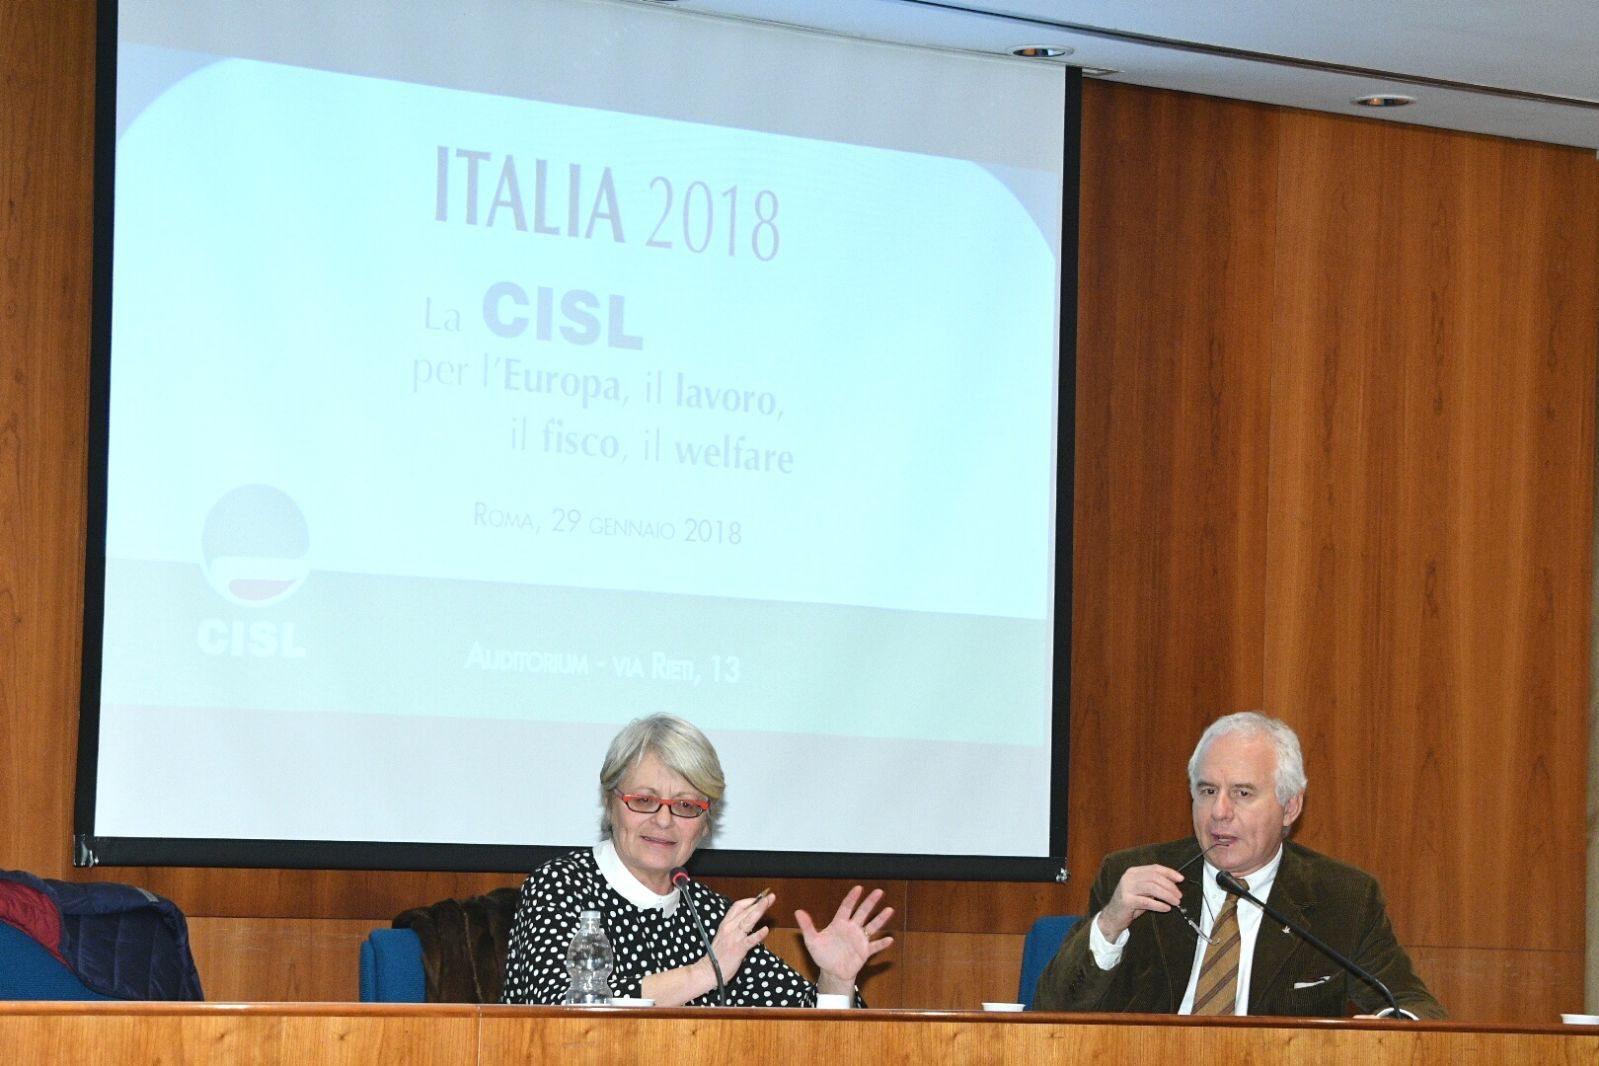 Furlan intervistata del direttore di Avvenire Tarquinio su europa, lavoro, fisco e welfare primo piano cislpiemonte.it